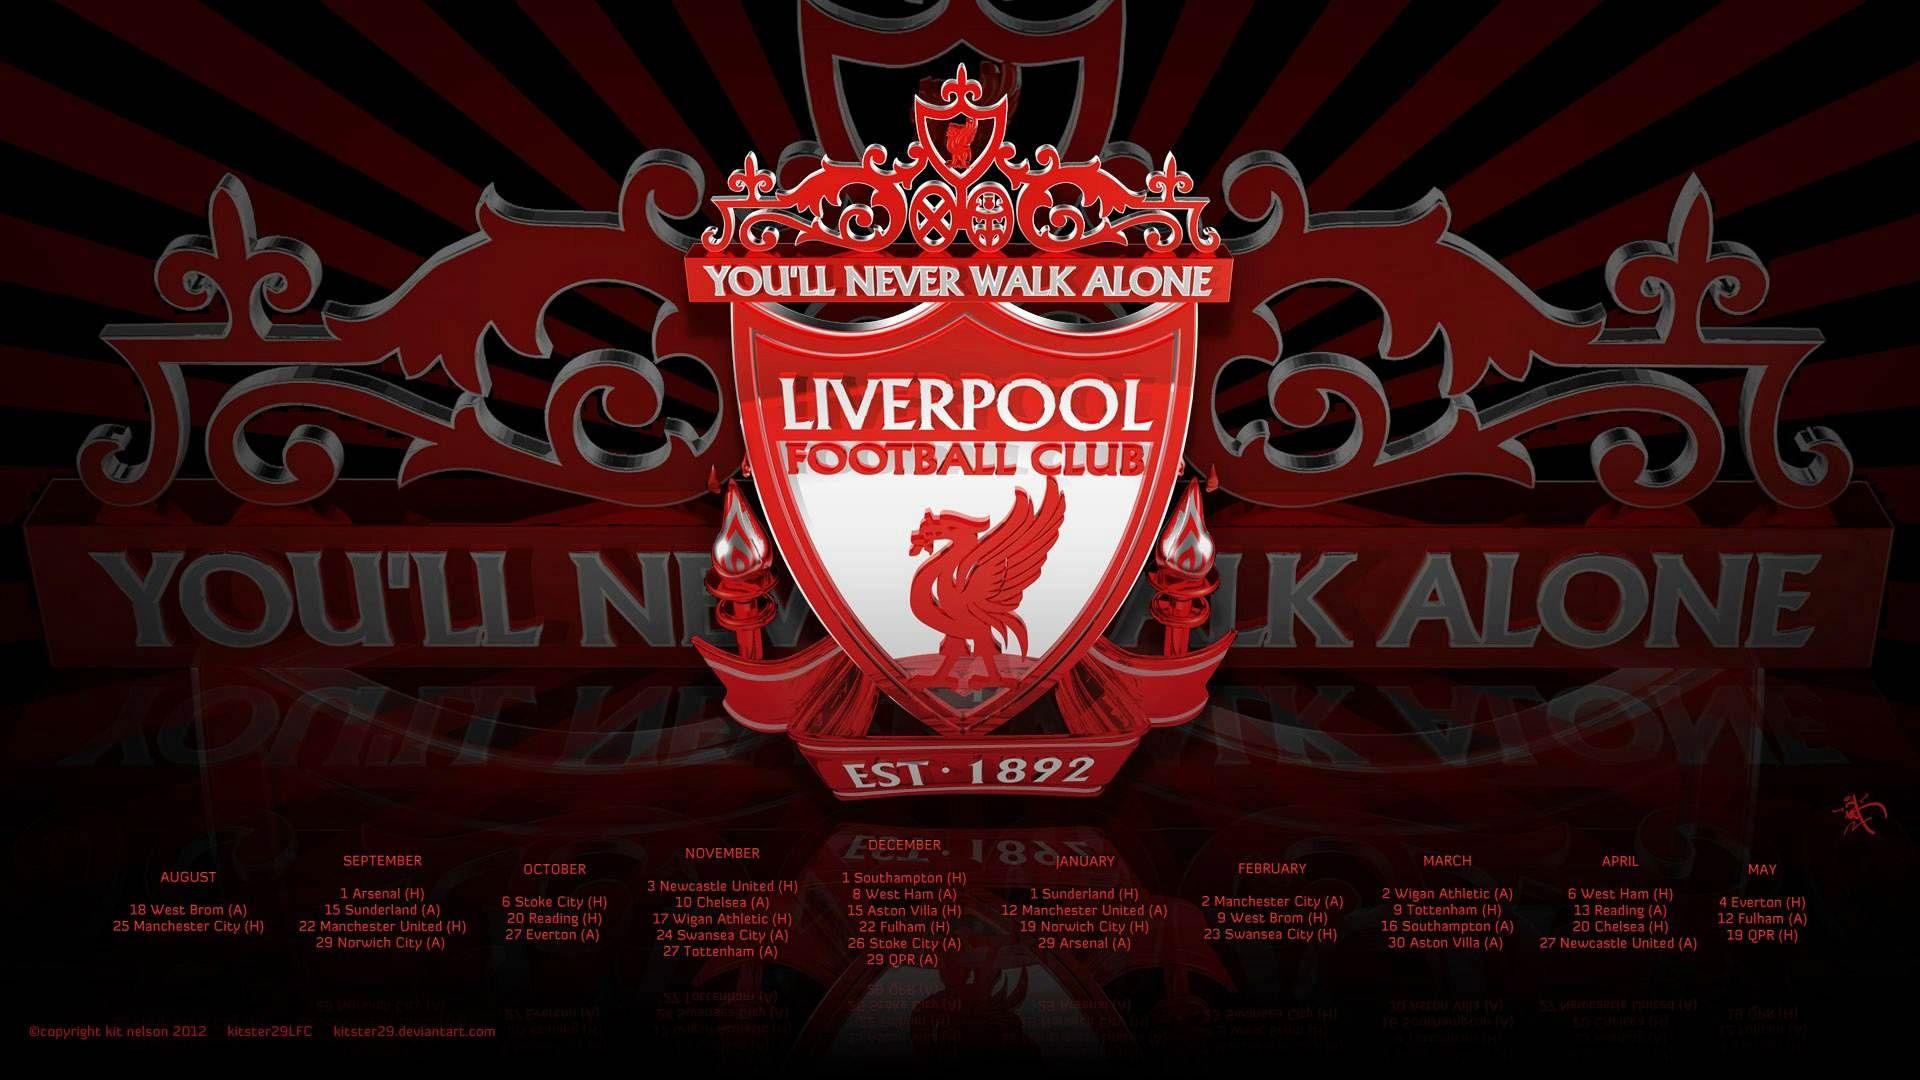 ปักพินในบอร์ด Liverpool f.c. YNWA